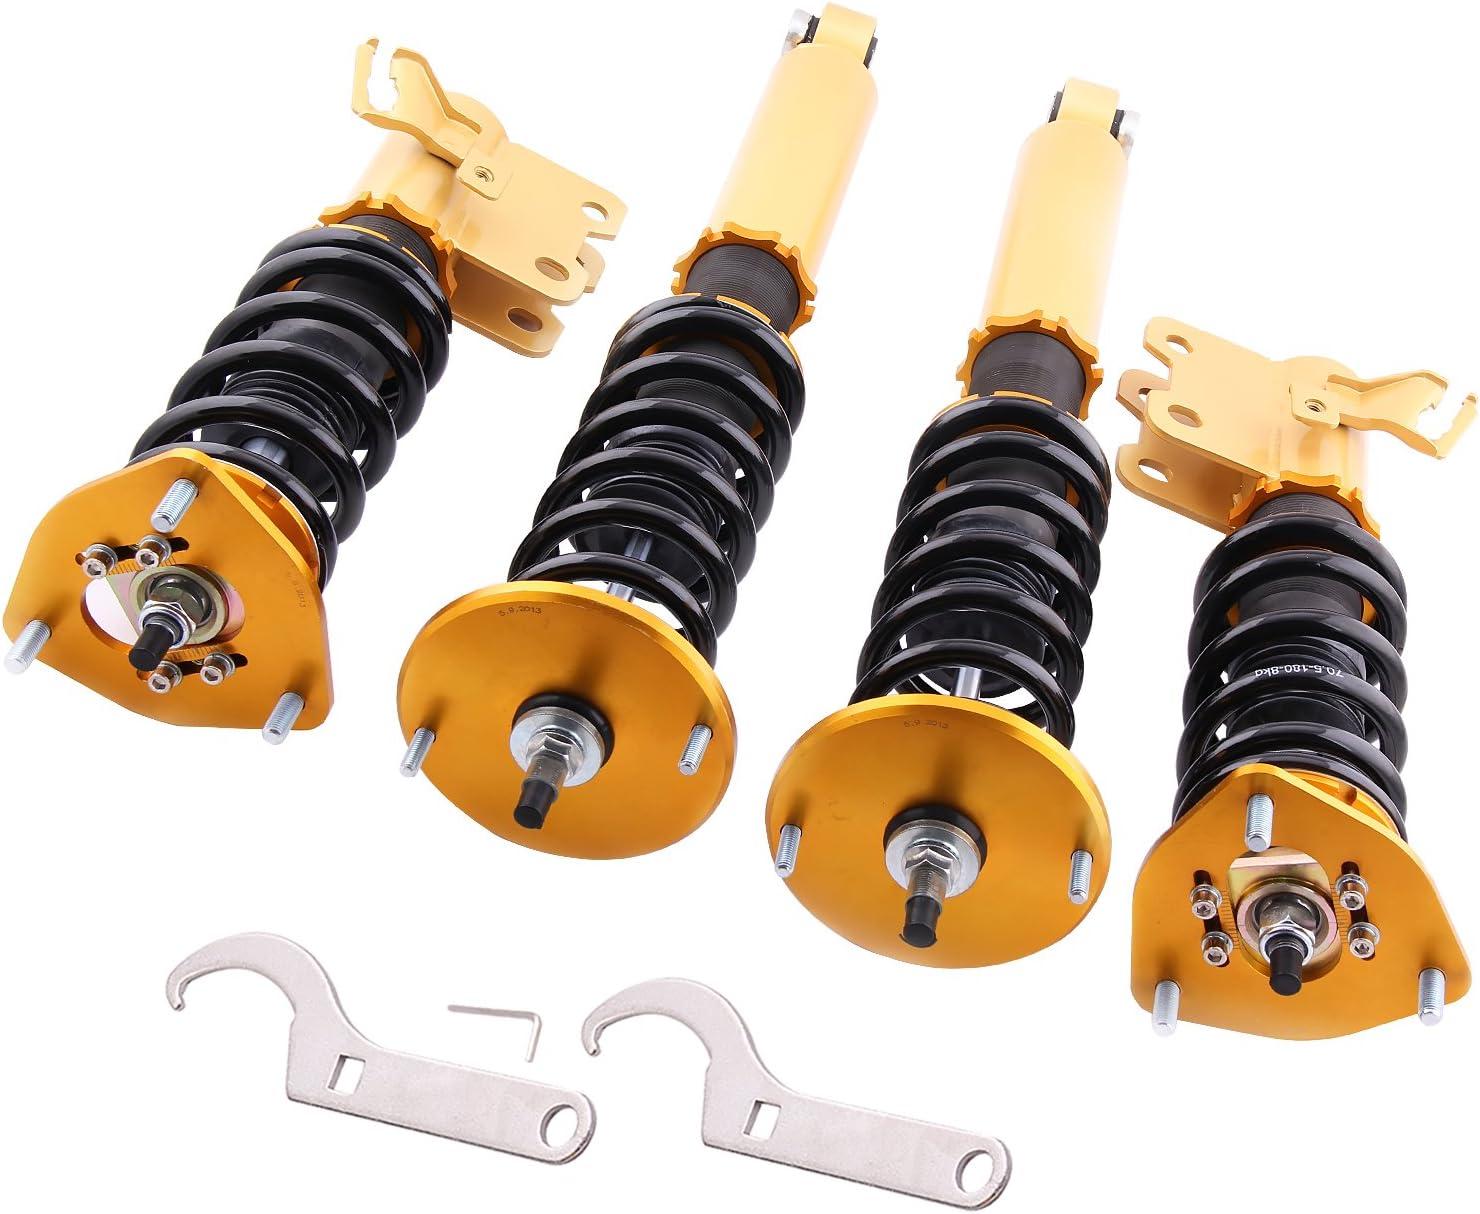 Coilovers Strut for Nissan S14 Silva 94-98 240SX 95-98 Suspension Coil Spring Strut Shock with Adjustable Damper